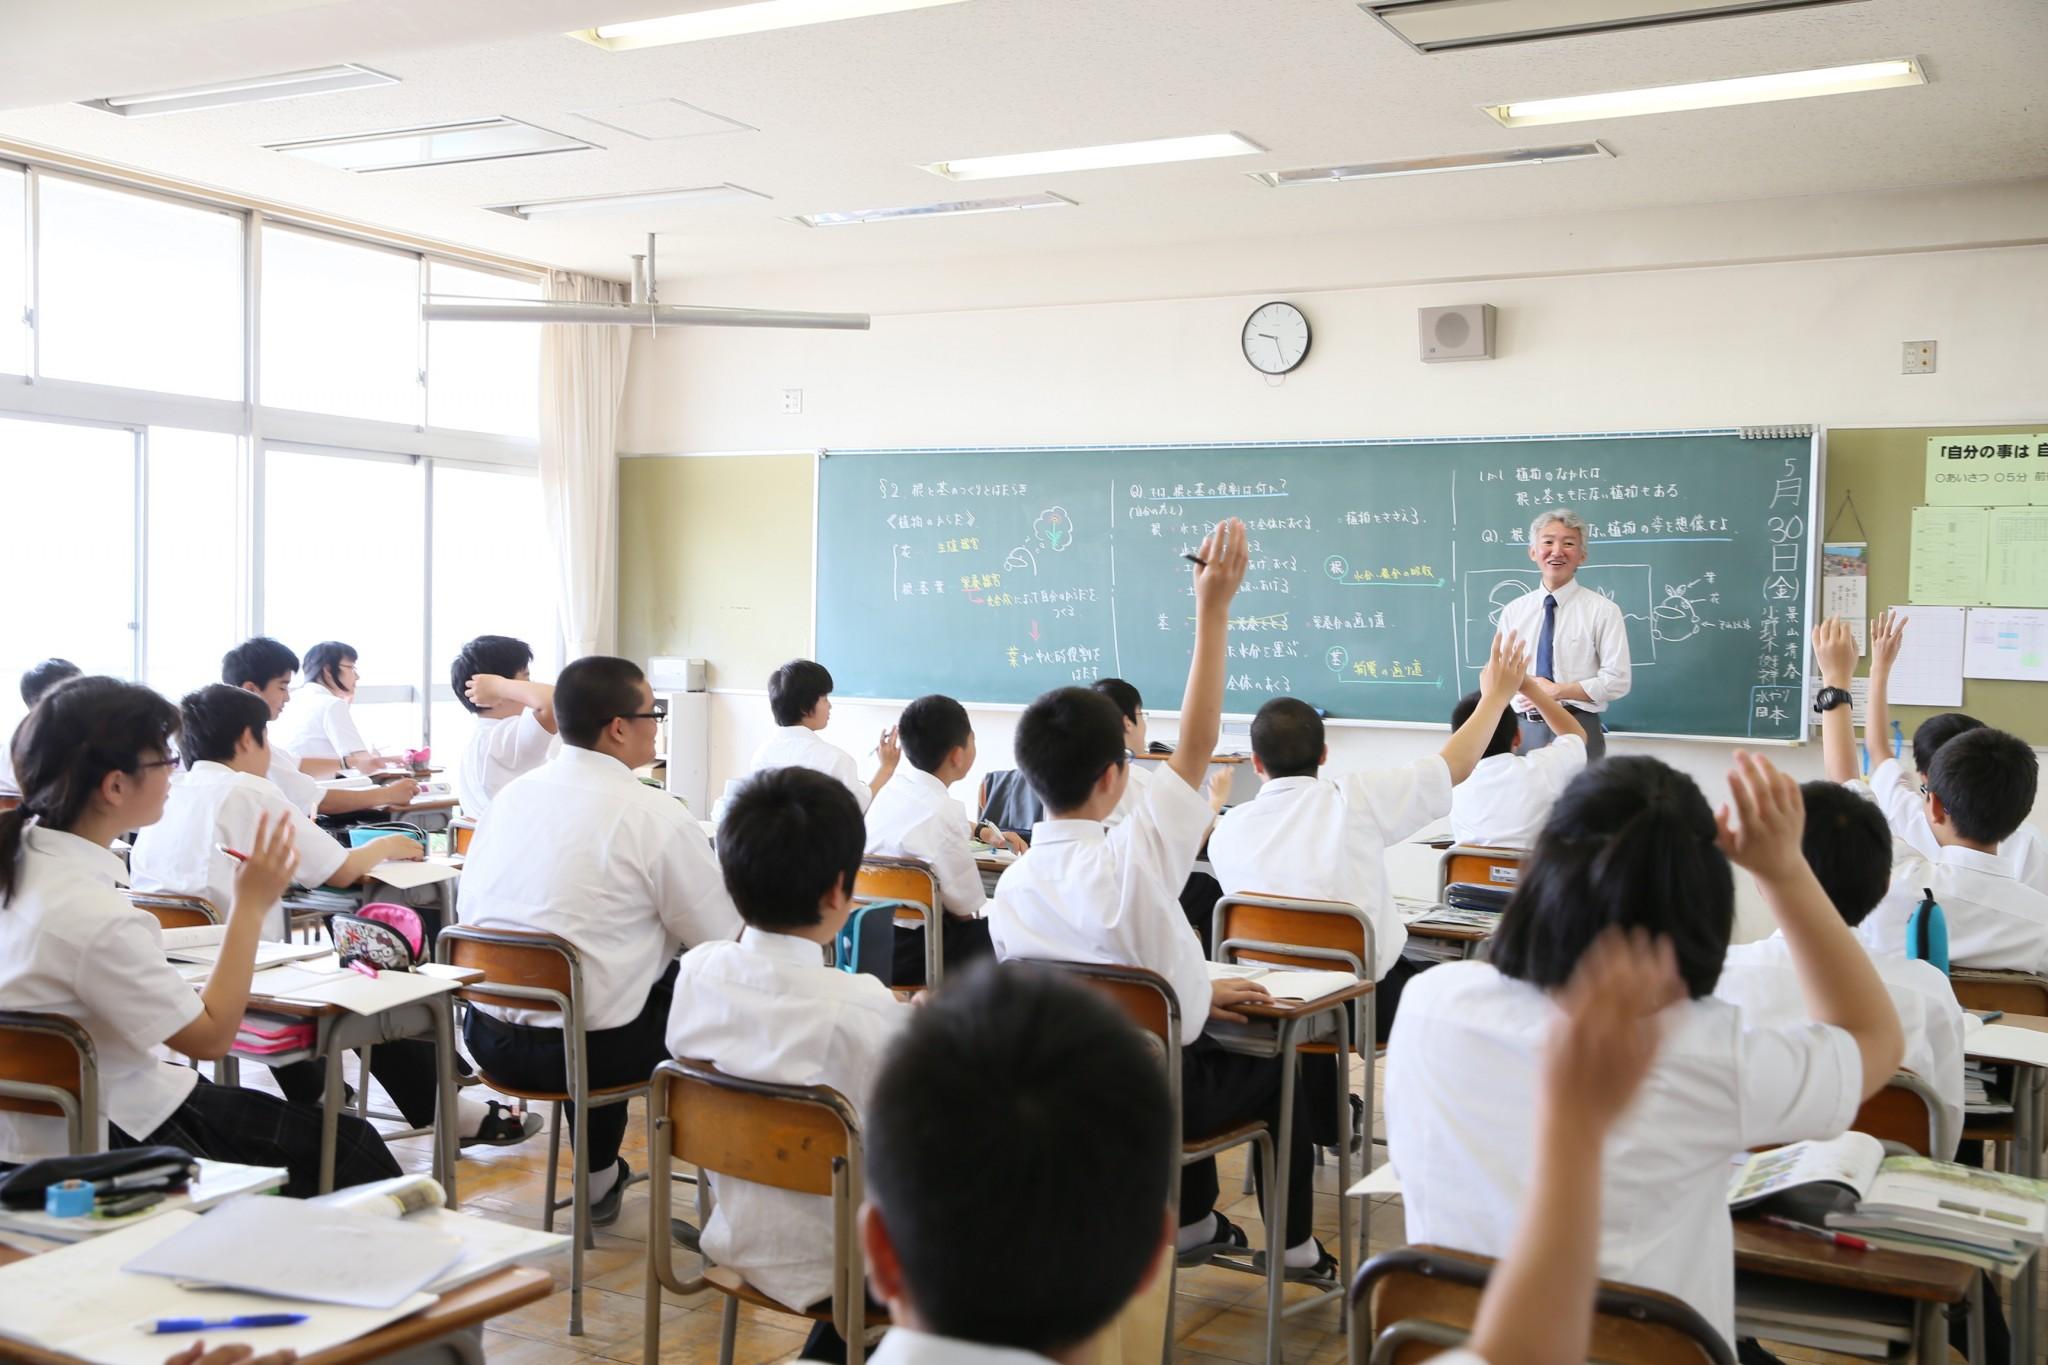 9月16日(土)大成中模試解説会(模試受験者対象)